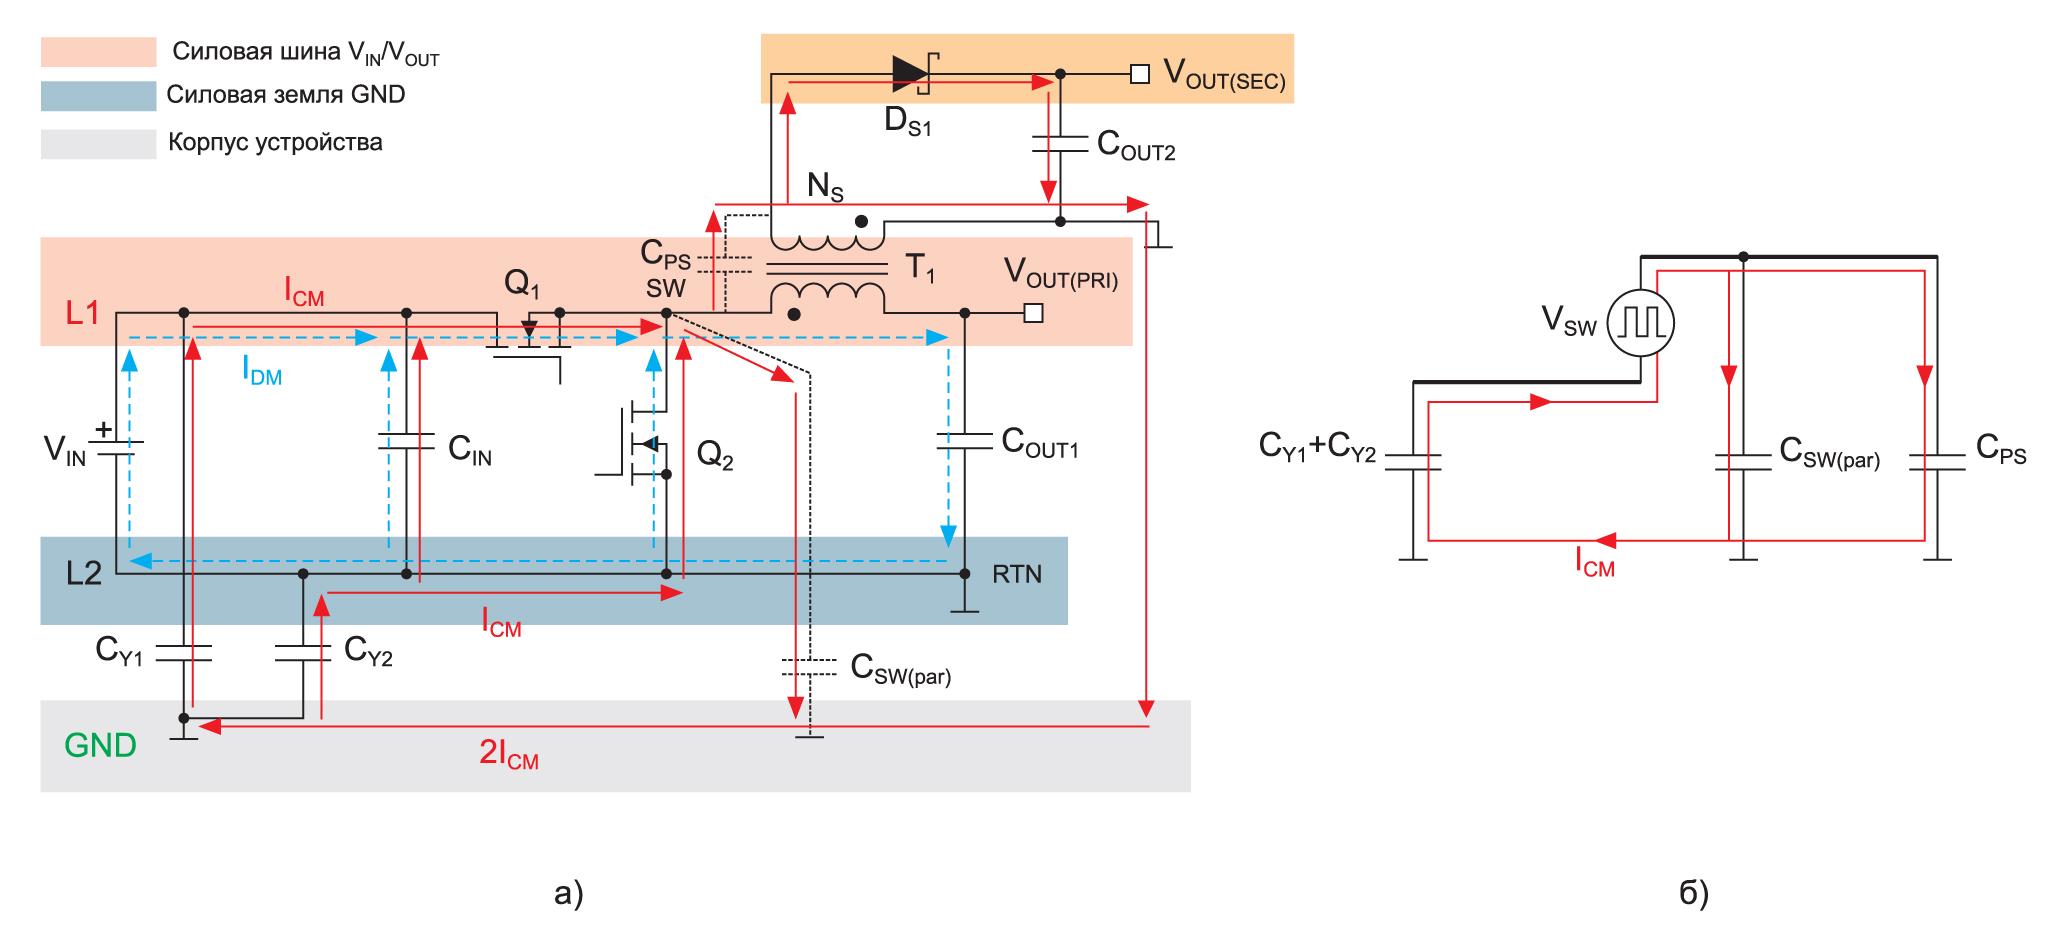 контур синфазного тока в изолированном преобразователе и эквивалентная схема контура синфазного тока